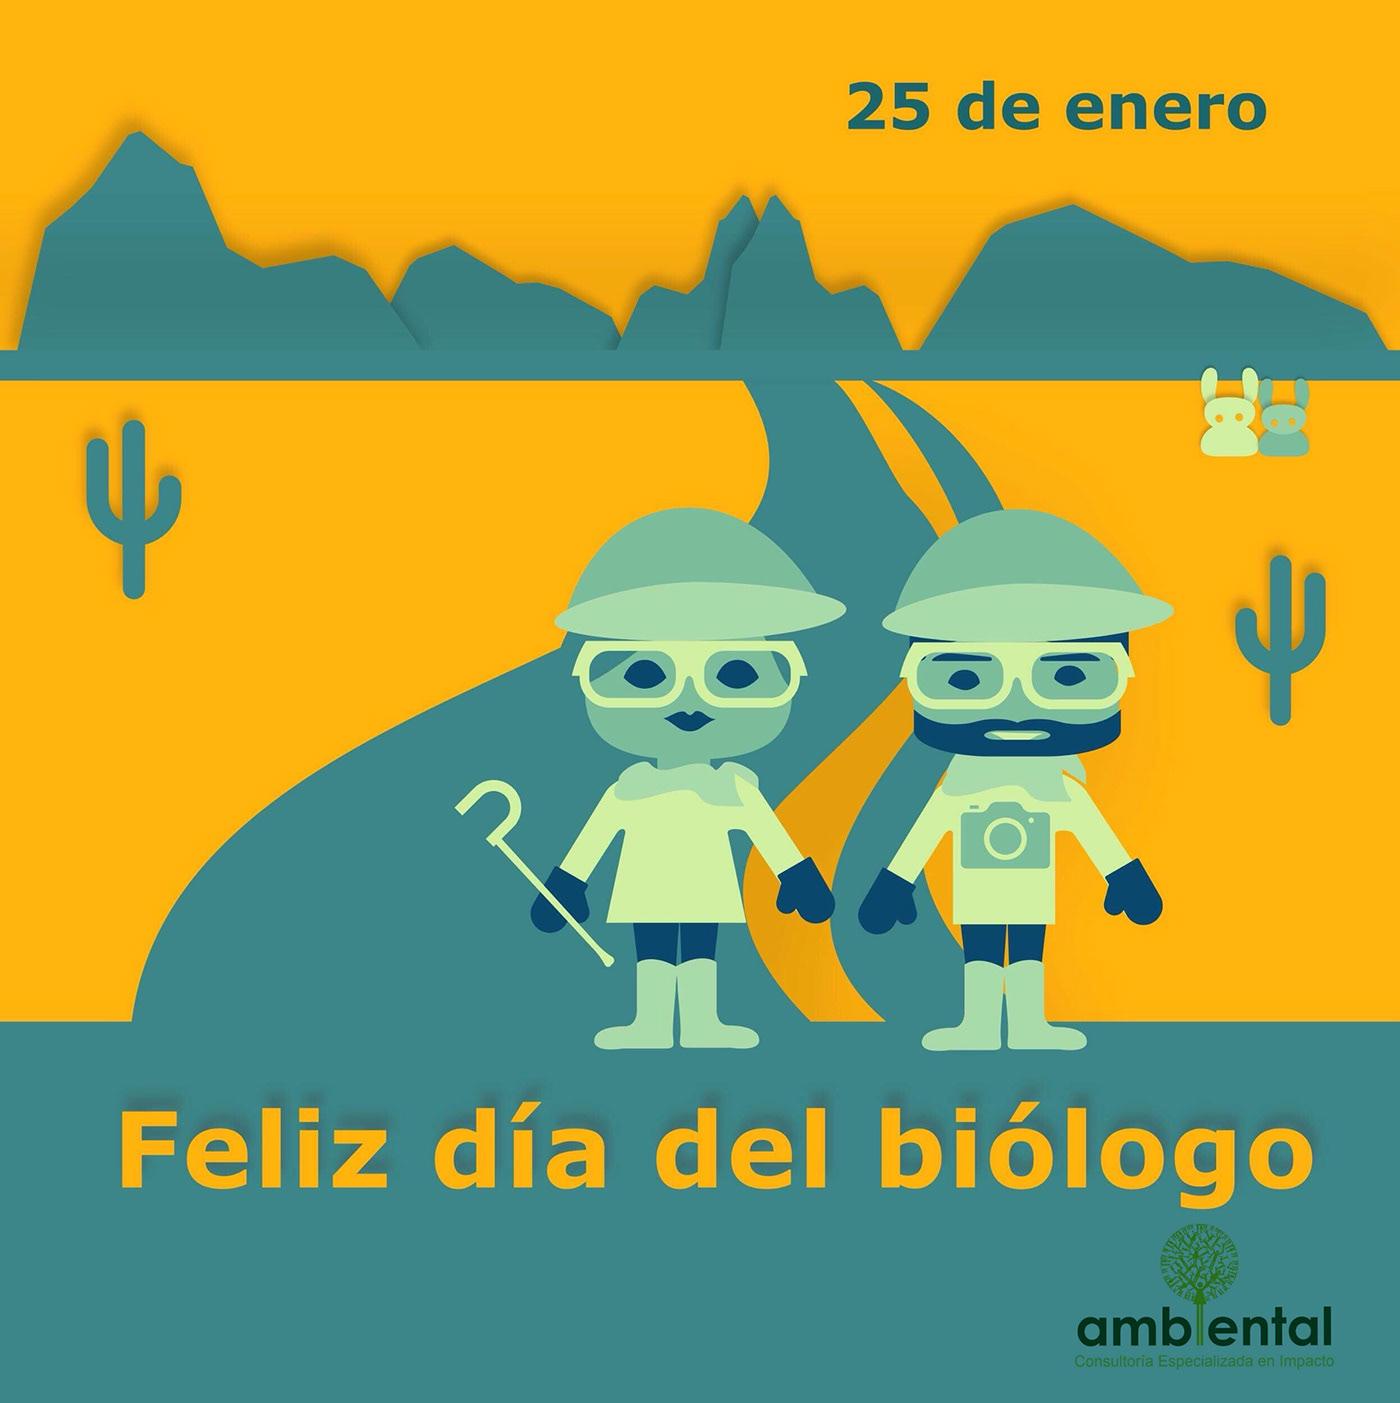 biologia Biólogo biologist biology desert highway